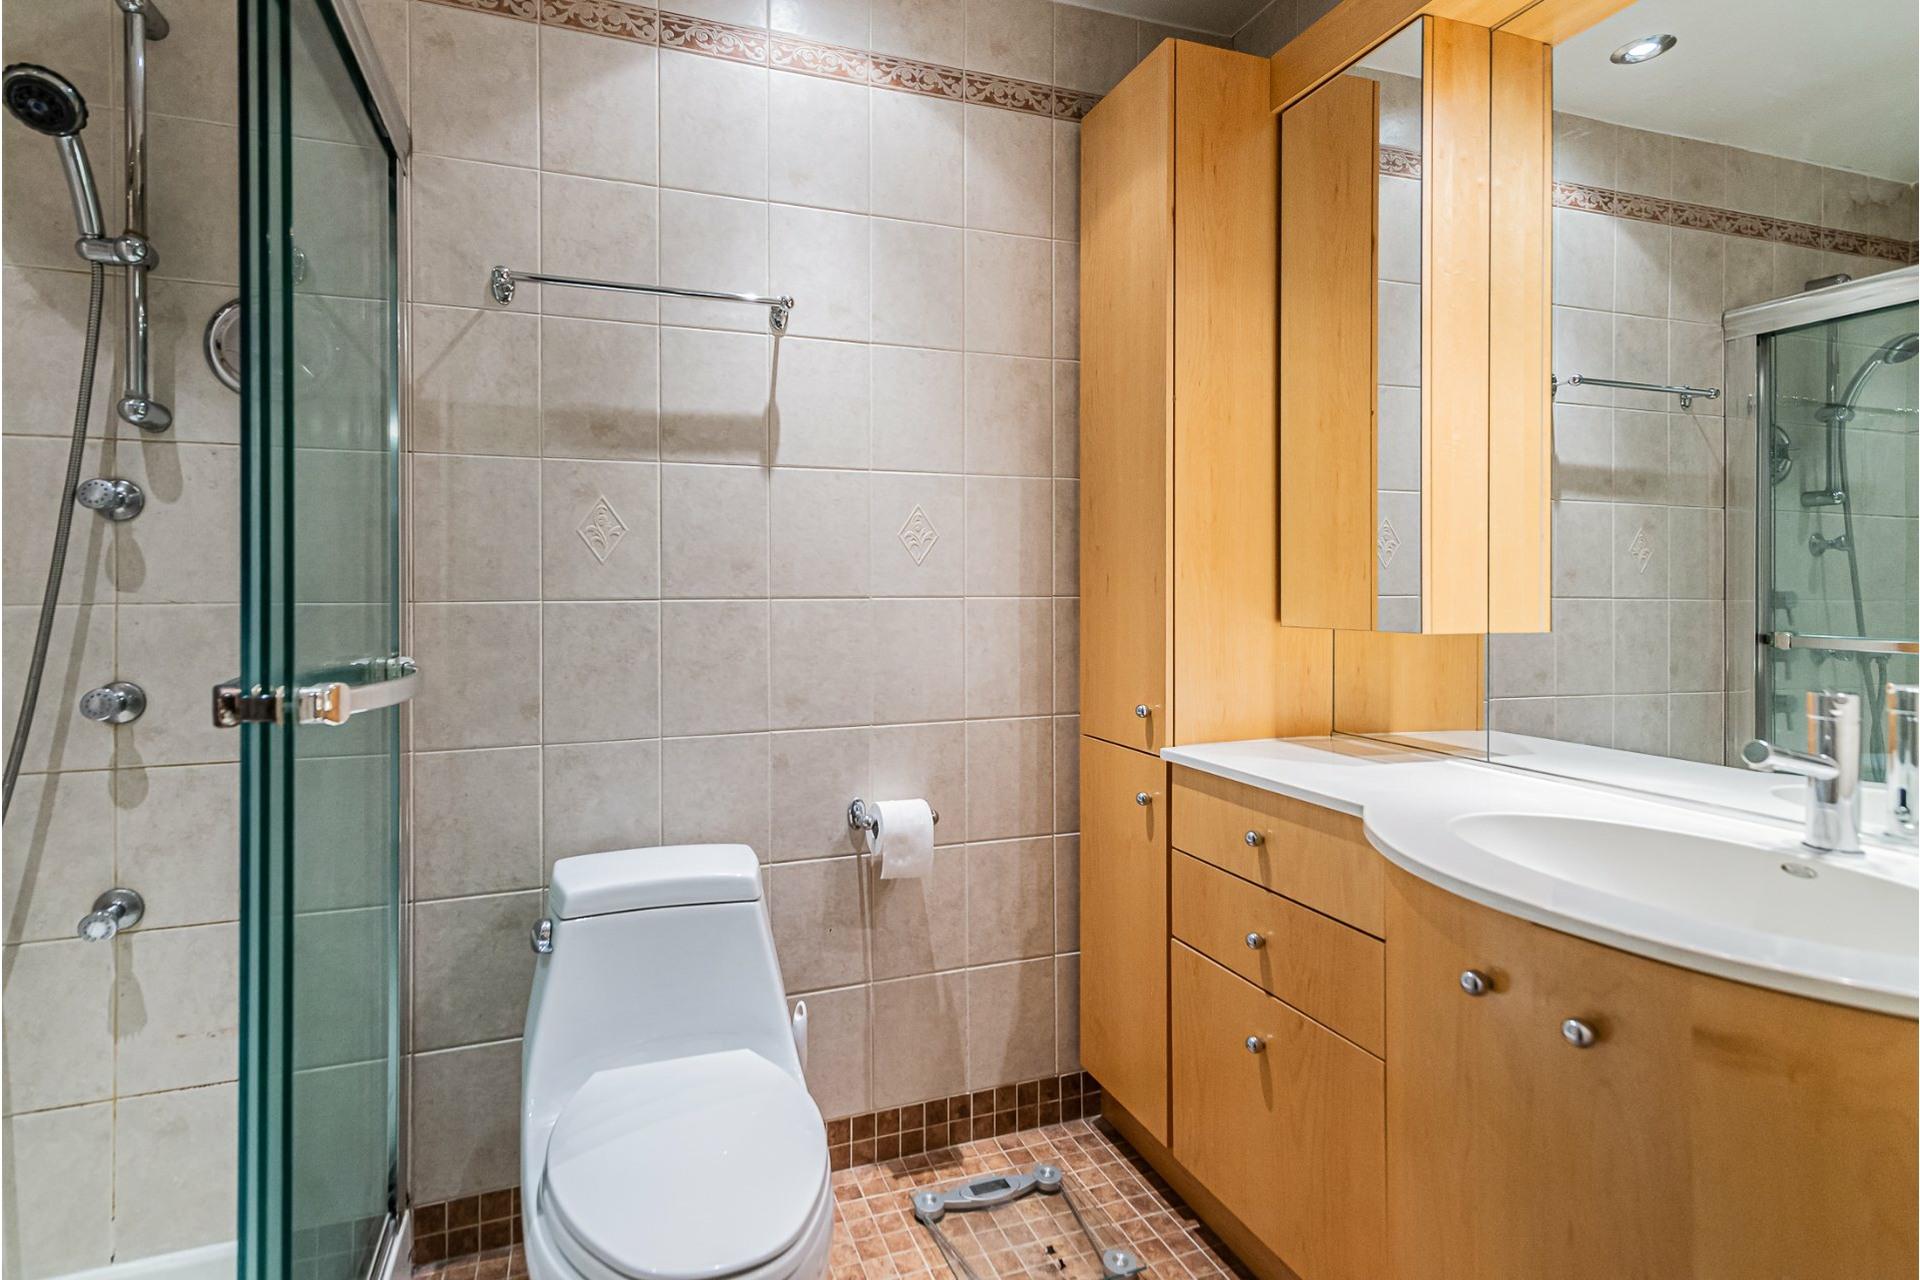 image 15 - Apartment For sale Ville-Marie Montréal  - 5 rooms